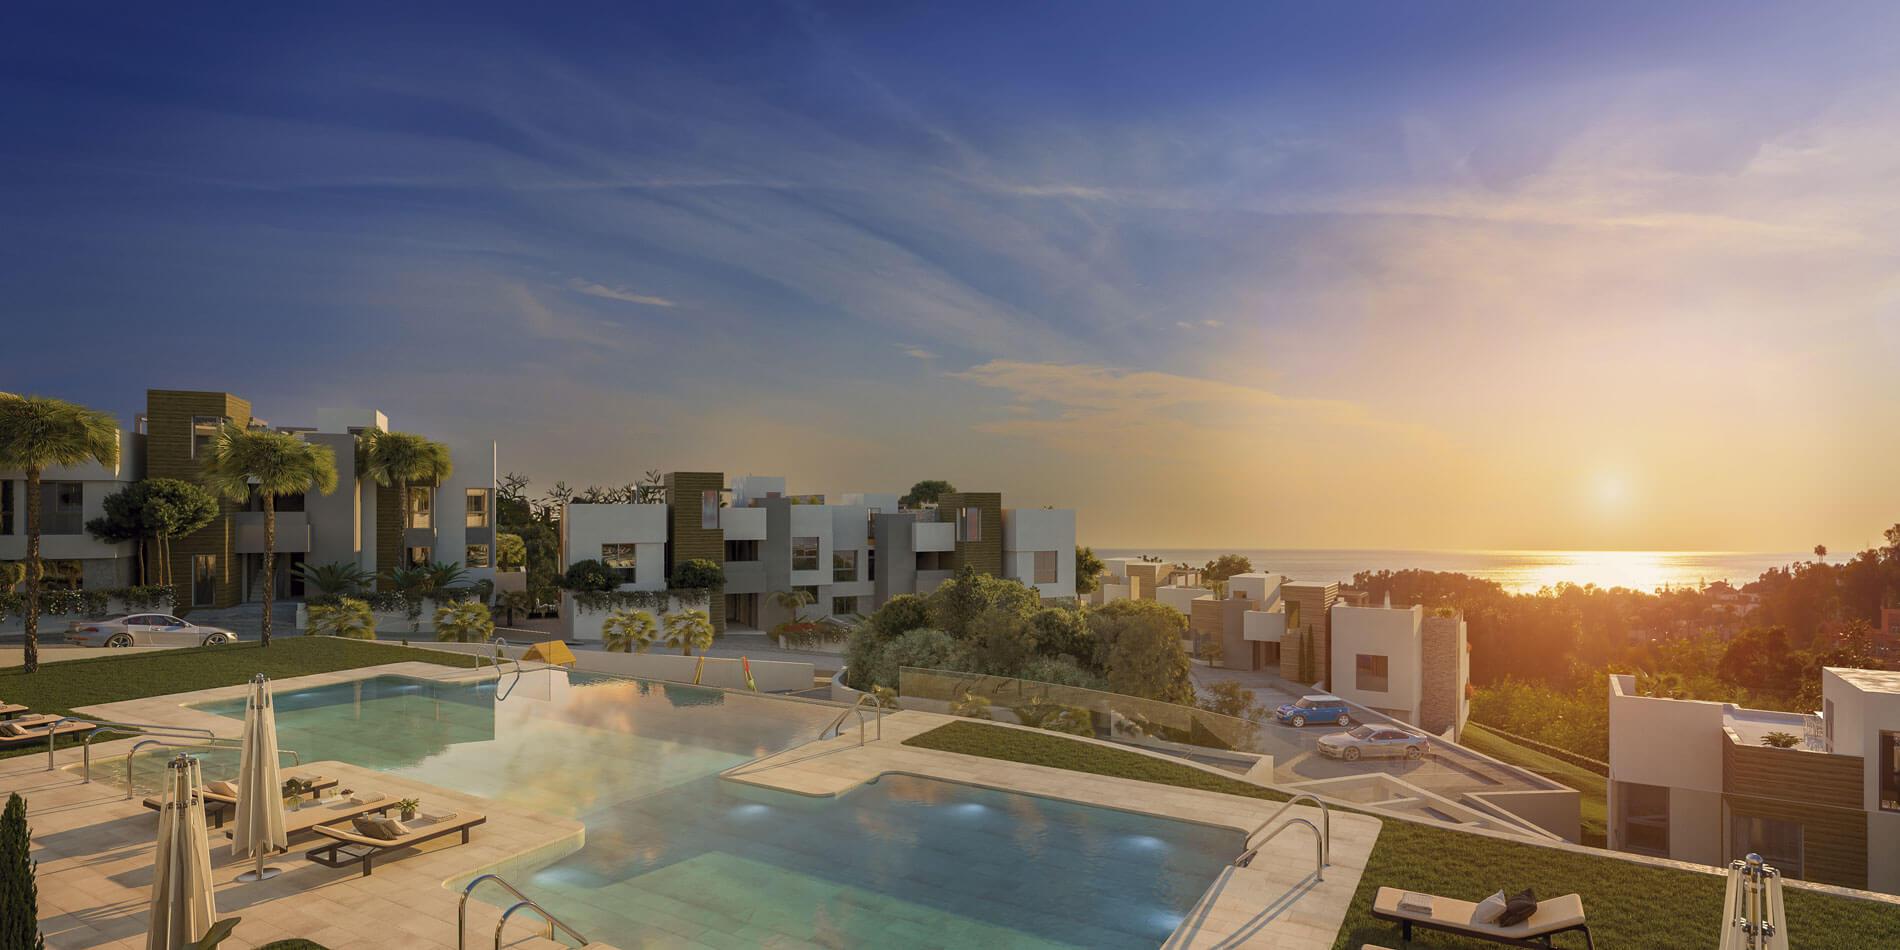 artola homes cabopino costa del sol eerstelijns golf appartement penthouse te koop nieuwbouw zee panoramisch zicht